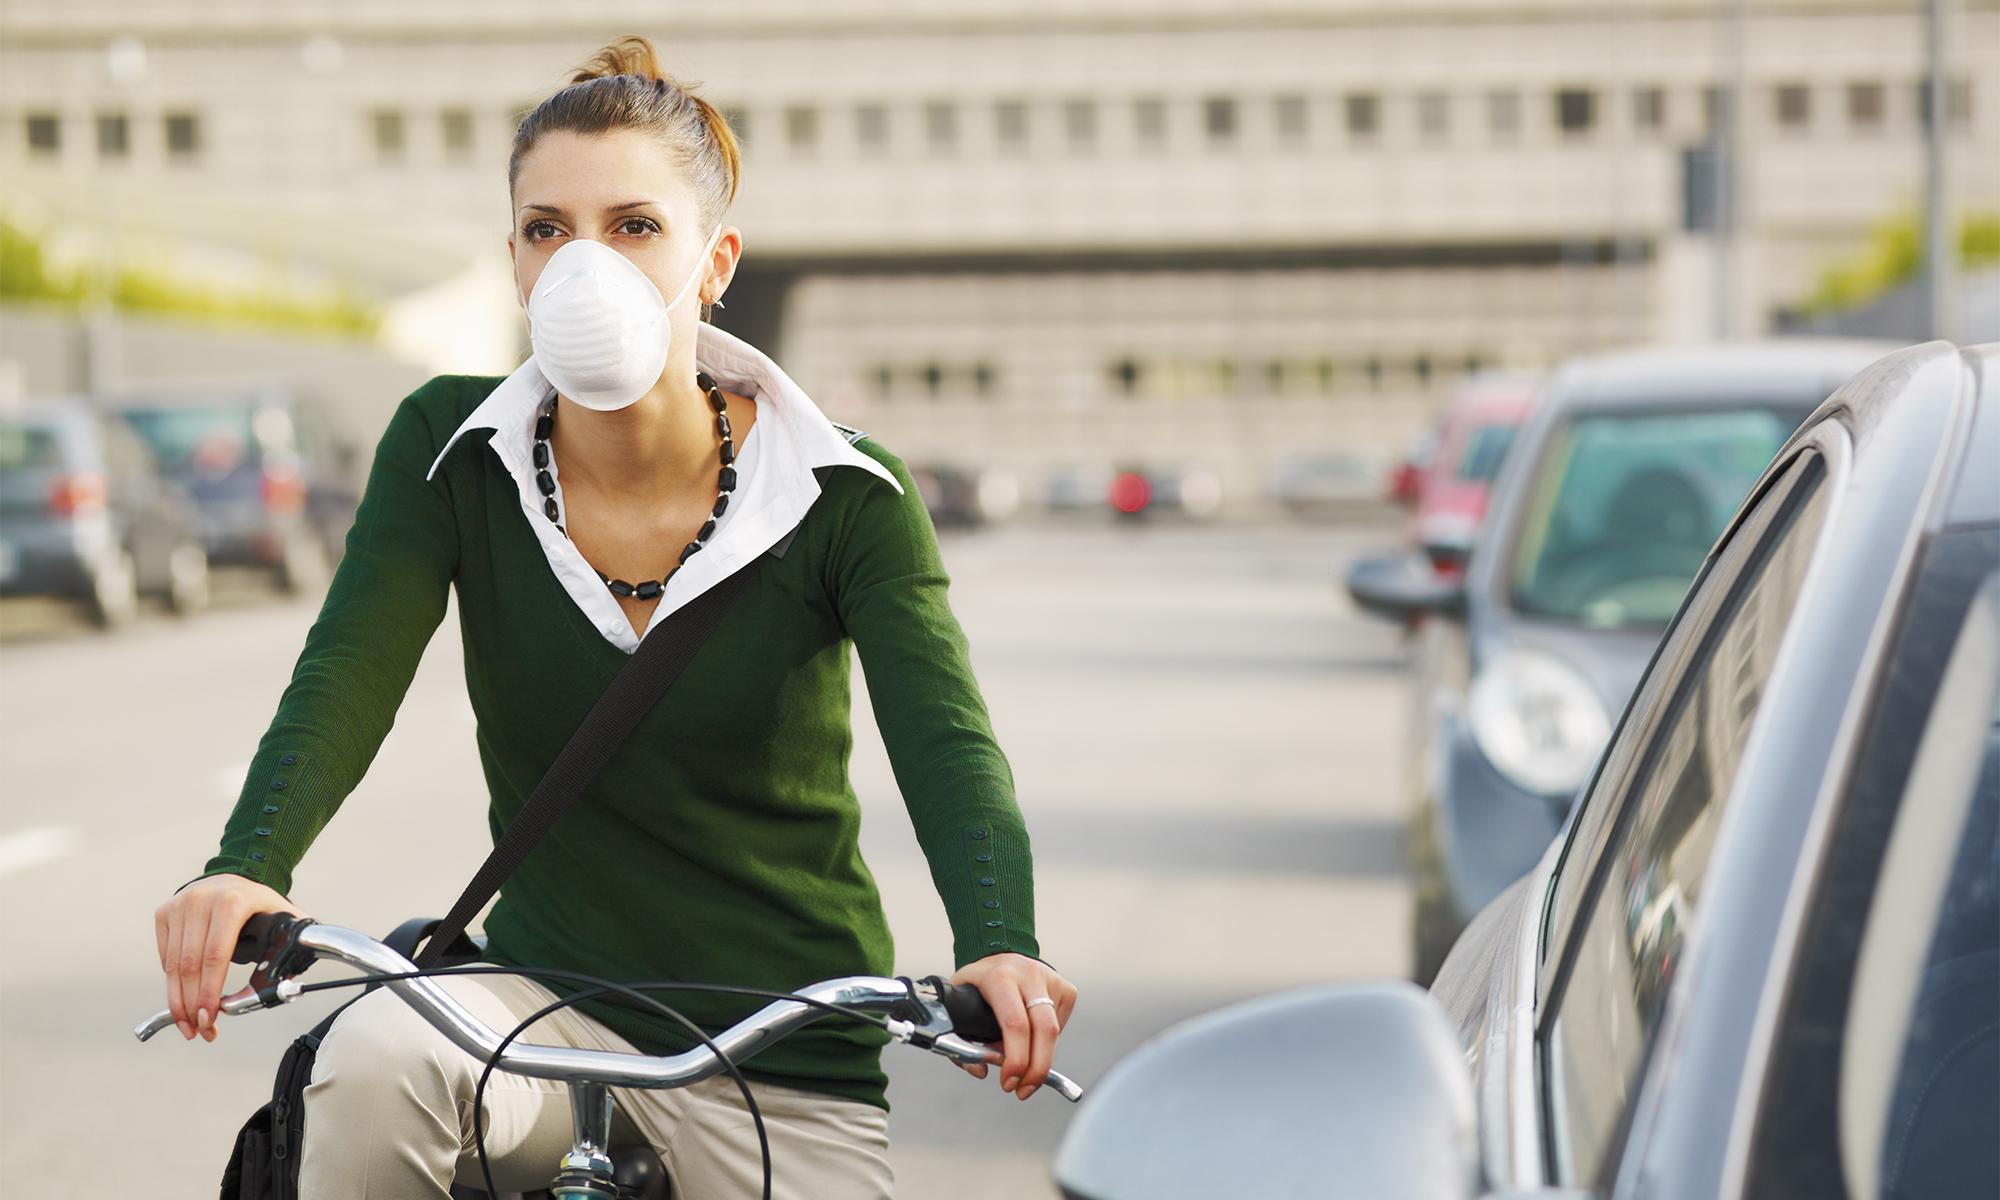 aria inquinata smog